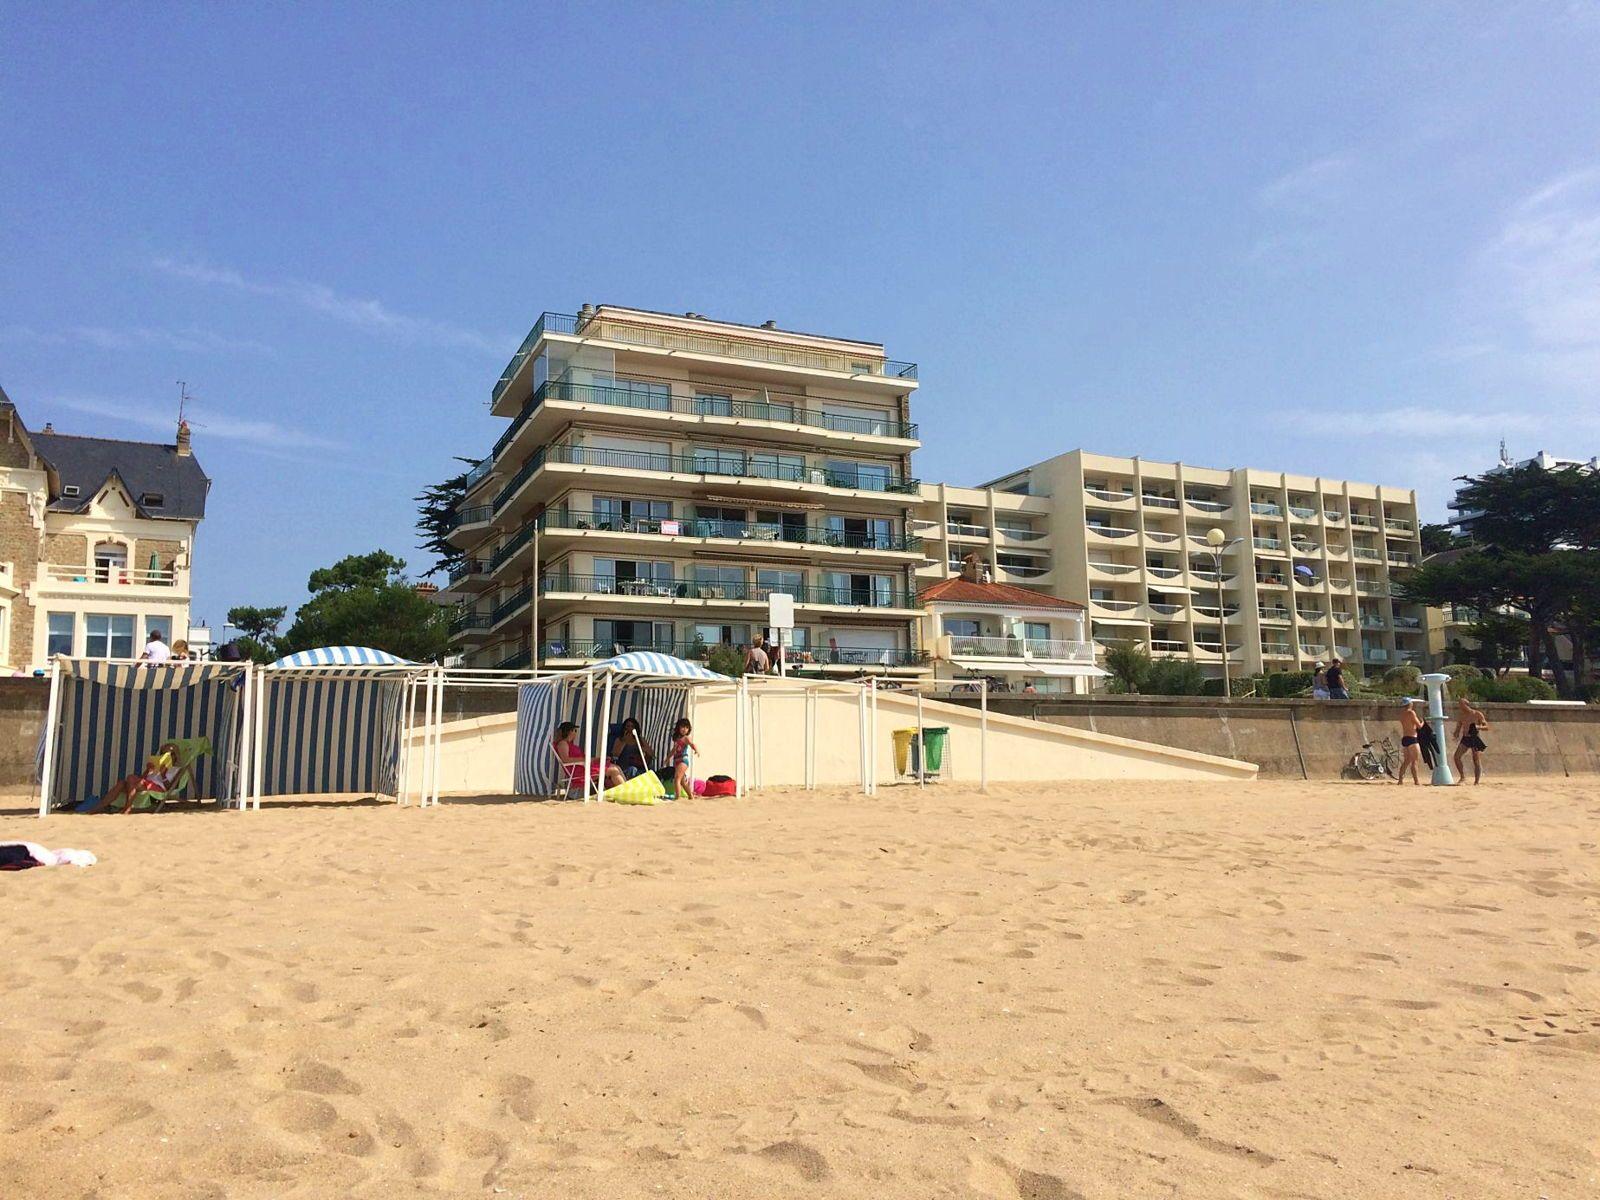 Loue appartement type 3à La Baule avec vue mer panoramique (4-7pers)